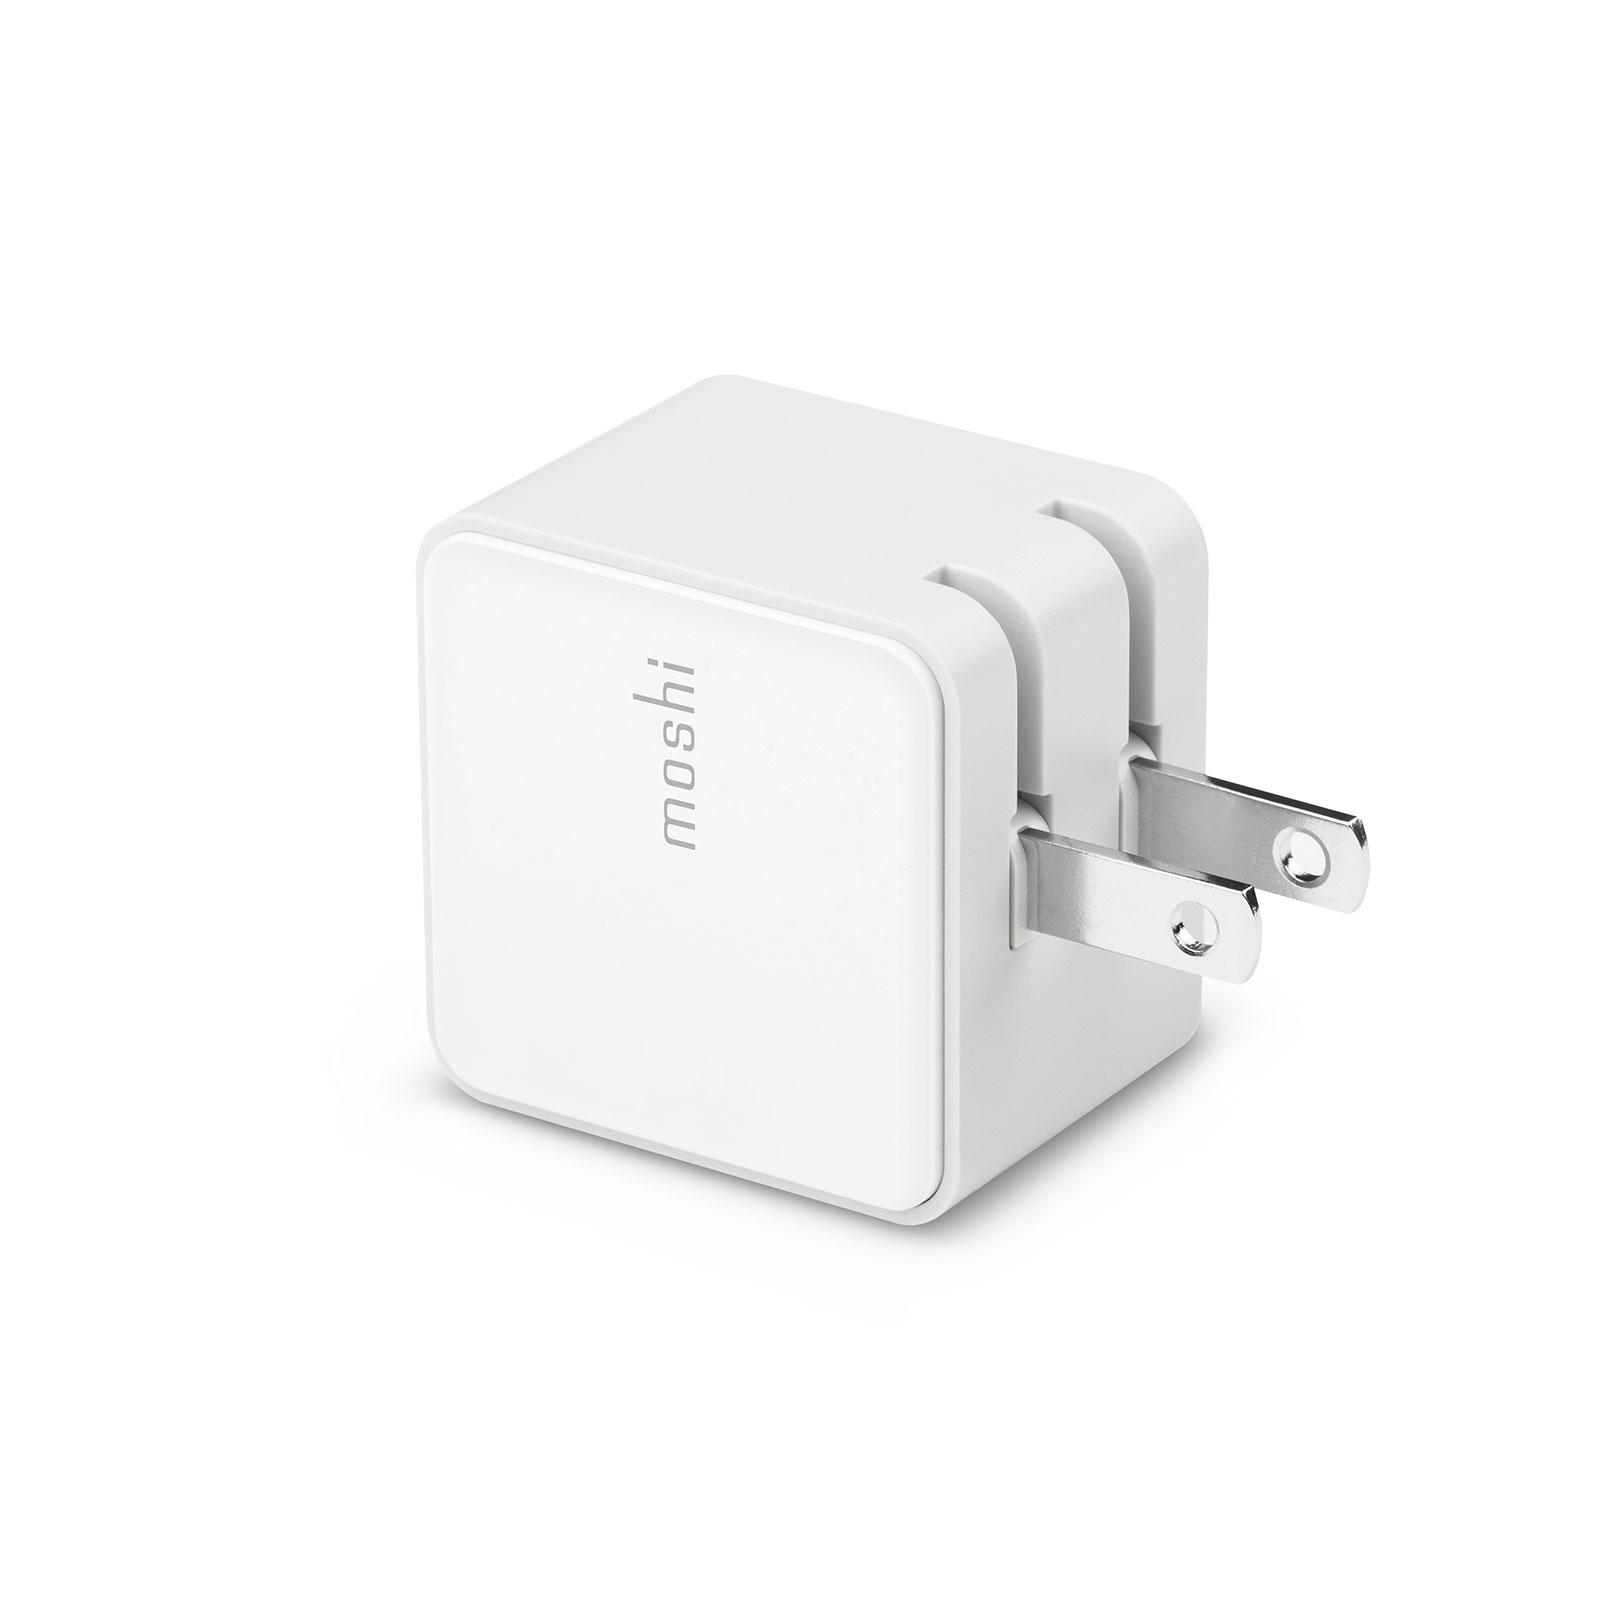 Qubit USB-C Charger (18 W) -image